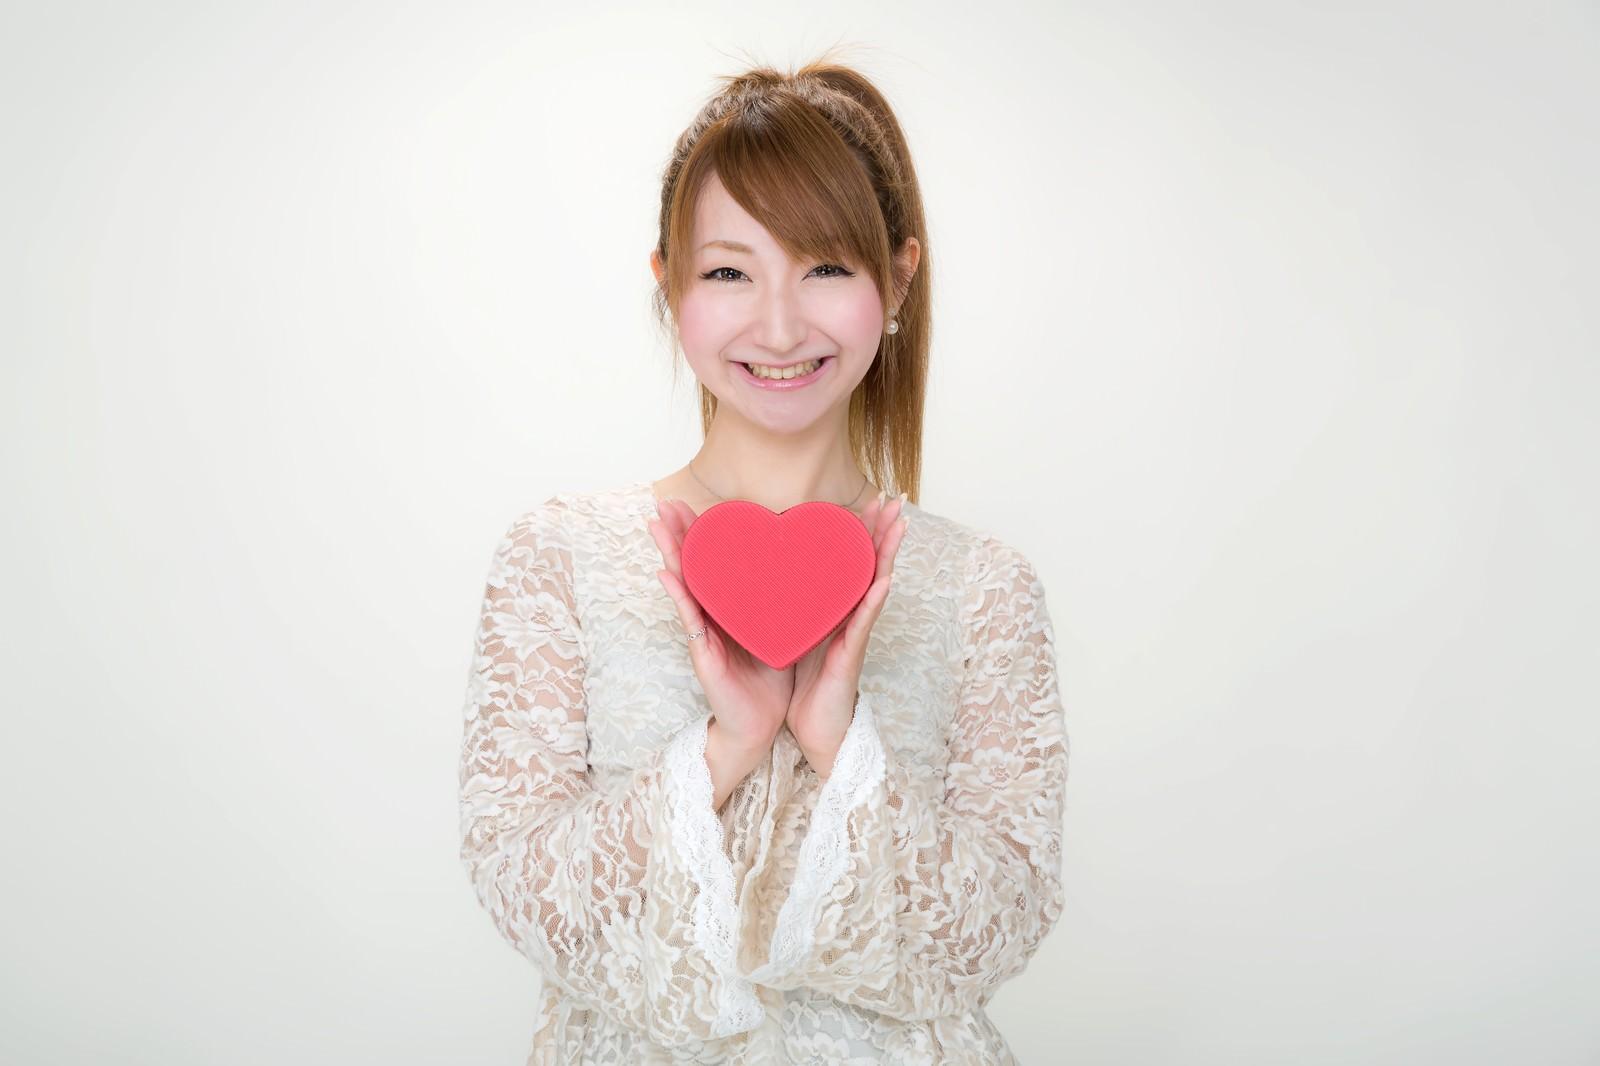 「バレンタインにハート形のチョコを持ったポニテ―ルの女の子」の写真[モデル:to-ko]